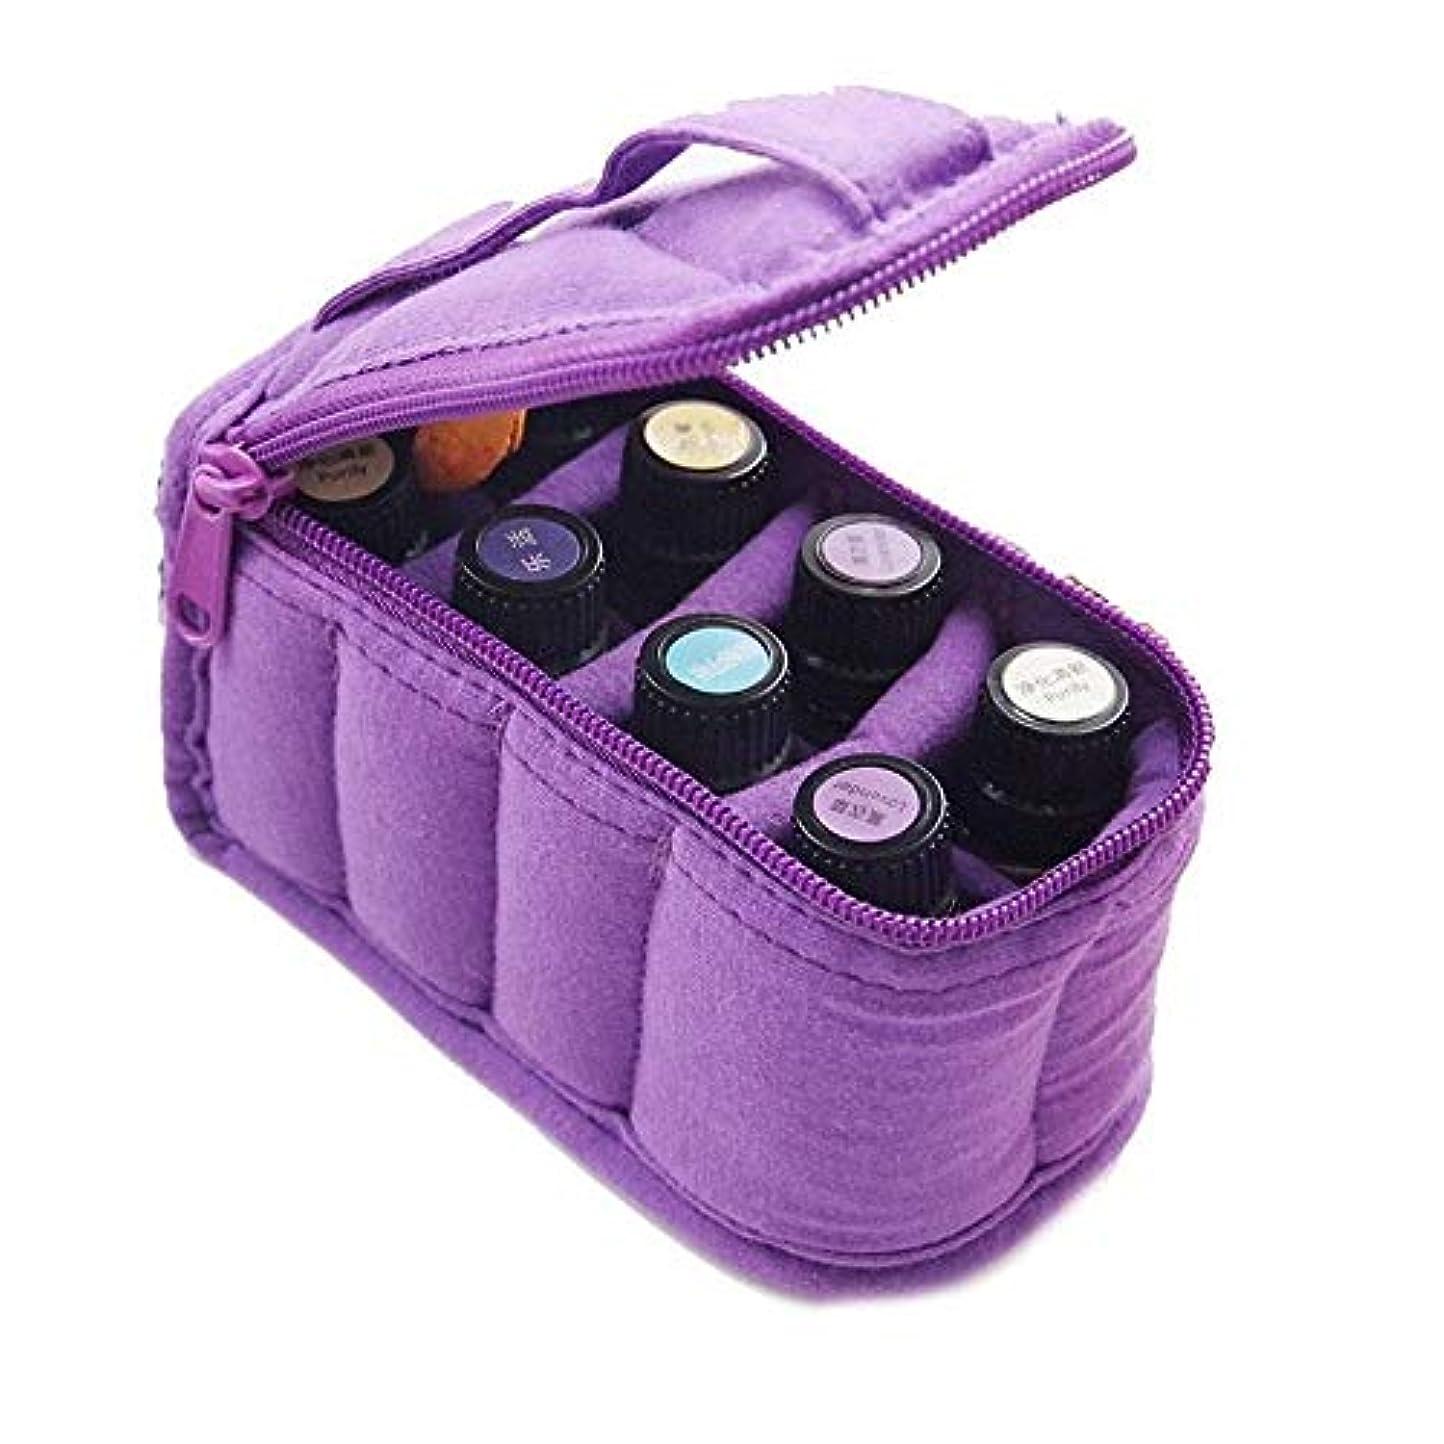 然とした夏マトリックスエッセンシャルオイル収納ボックス (トップのハンドルキャリー)ケースプレミアム保護は10-15MLエッセンシャルオイルオーガナイザーバッグを保持キャリングエッセンシャルオイル13x7x7.5cm (色 : 紫の, サイズ...